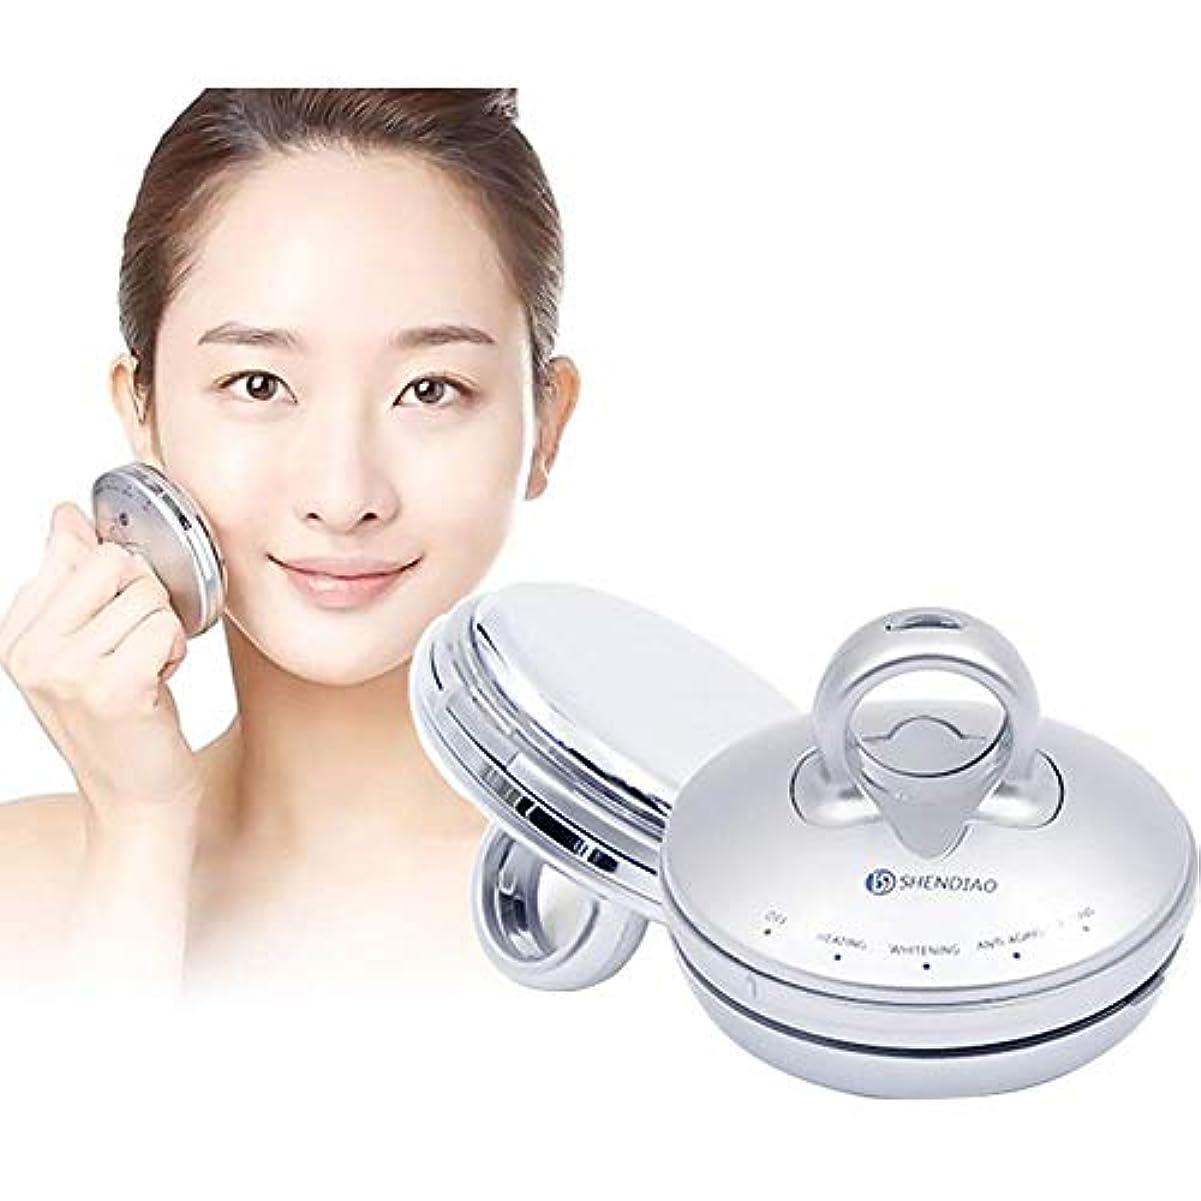 仮定する舗装ために美のマッサージャー、顔のマッサージャーの振動美装置の顔のしわのスキンケアの上昇の反老化の白くなるマッサージャー